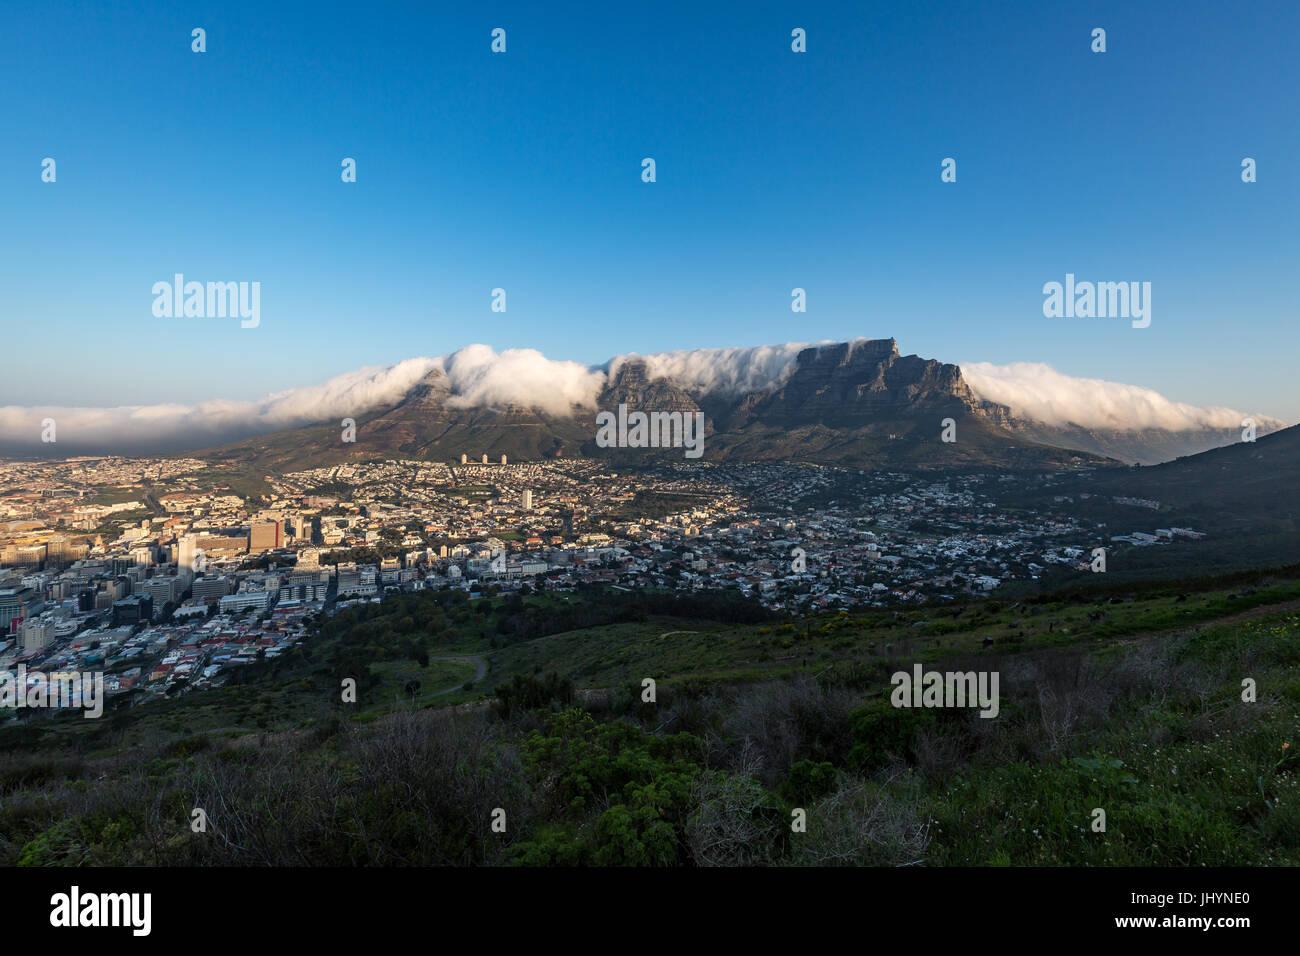 Table Mountain abgedeckt in einer Tischdecke orographisch Wolken, Cape Town, Südafrika, Afrika Stockbild